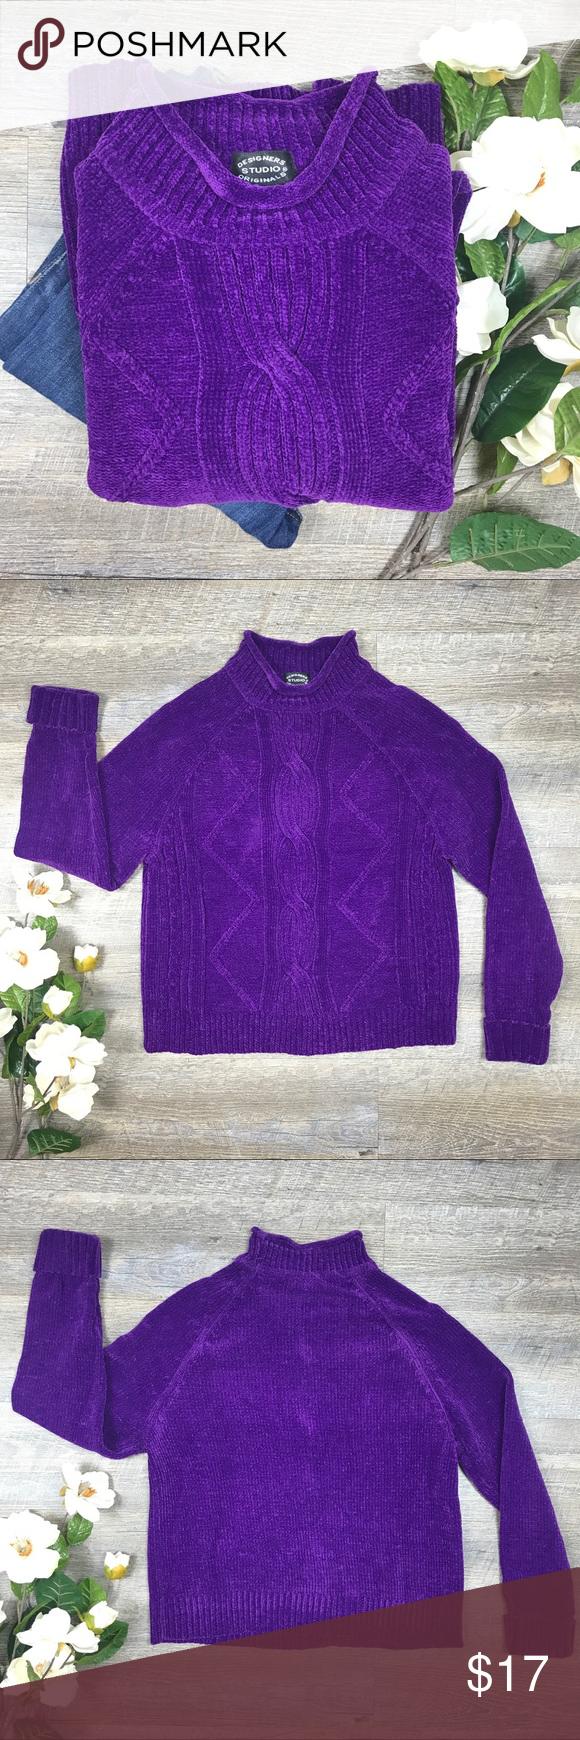 Designers Studio Original Sweater | Bright, Conditioning and Studio